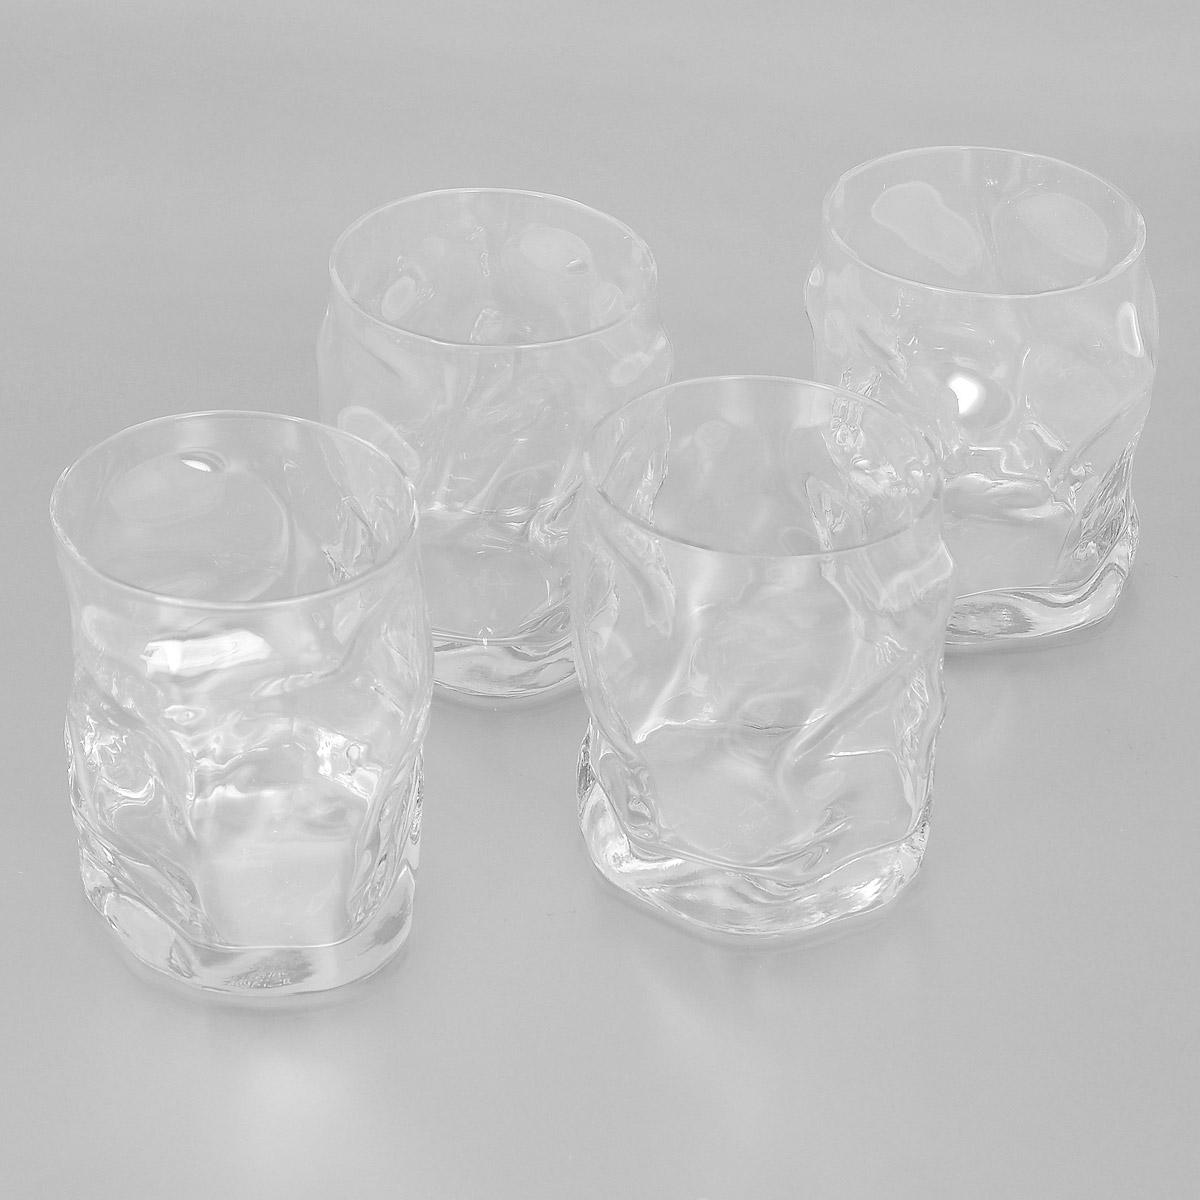 Набор стаканов Bormioli Rocco Sorgente, 420 мл, 4 шт